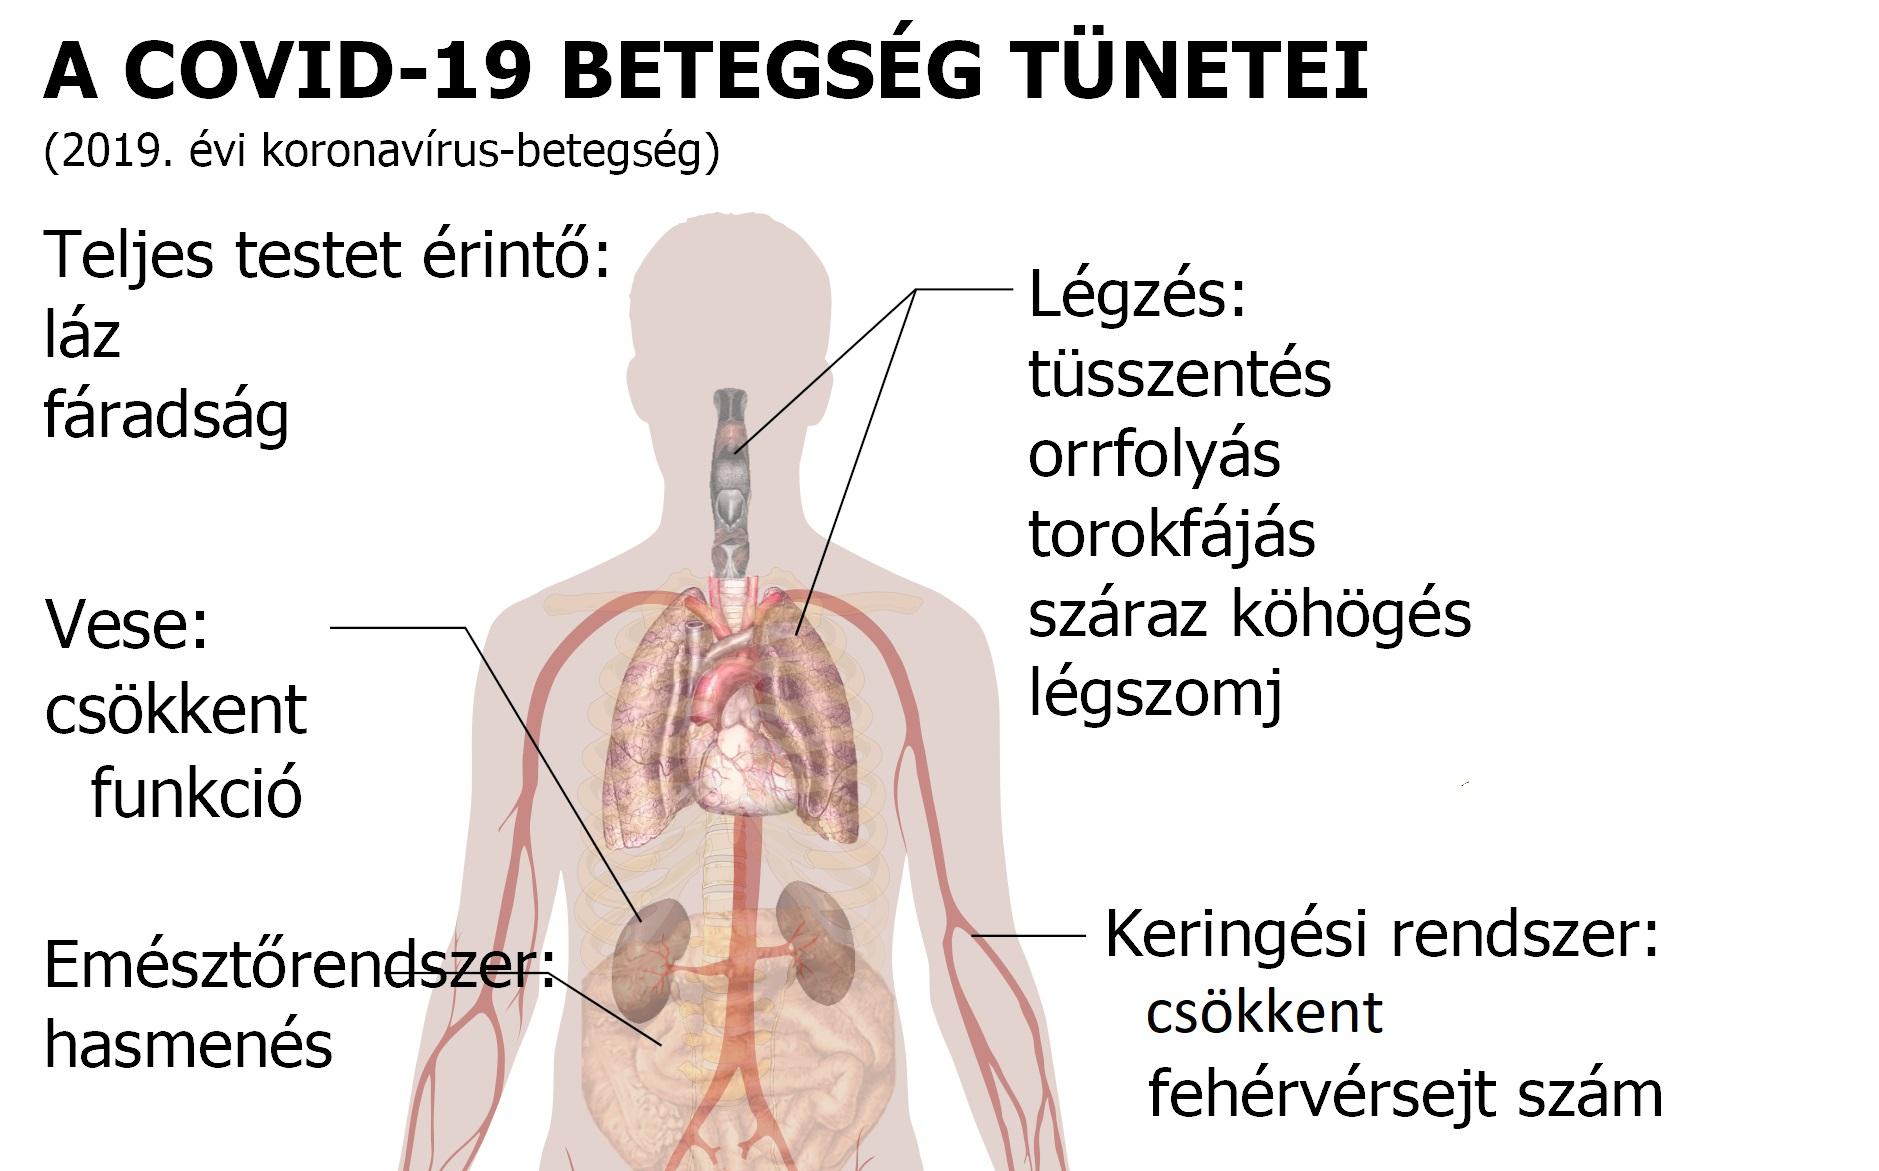 súlycsökkenés és magas vérnyomás tünetei